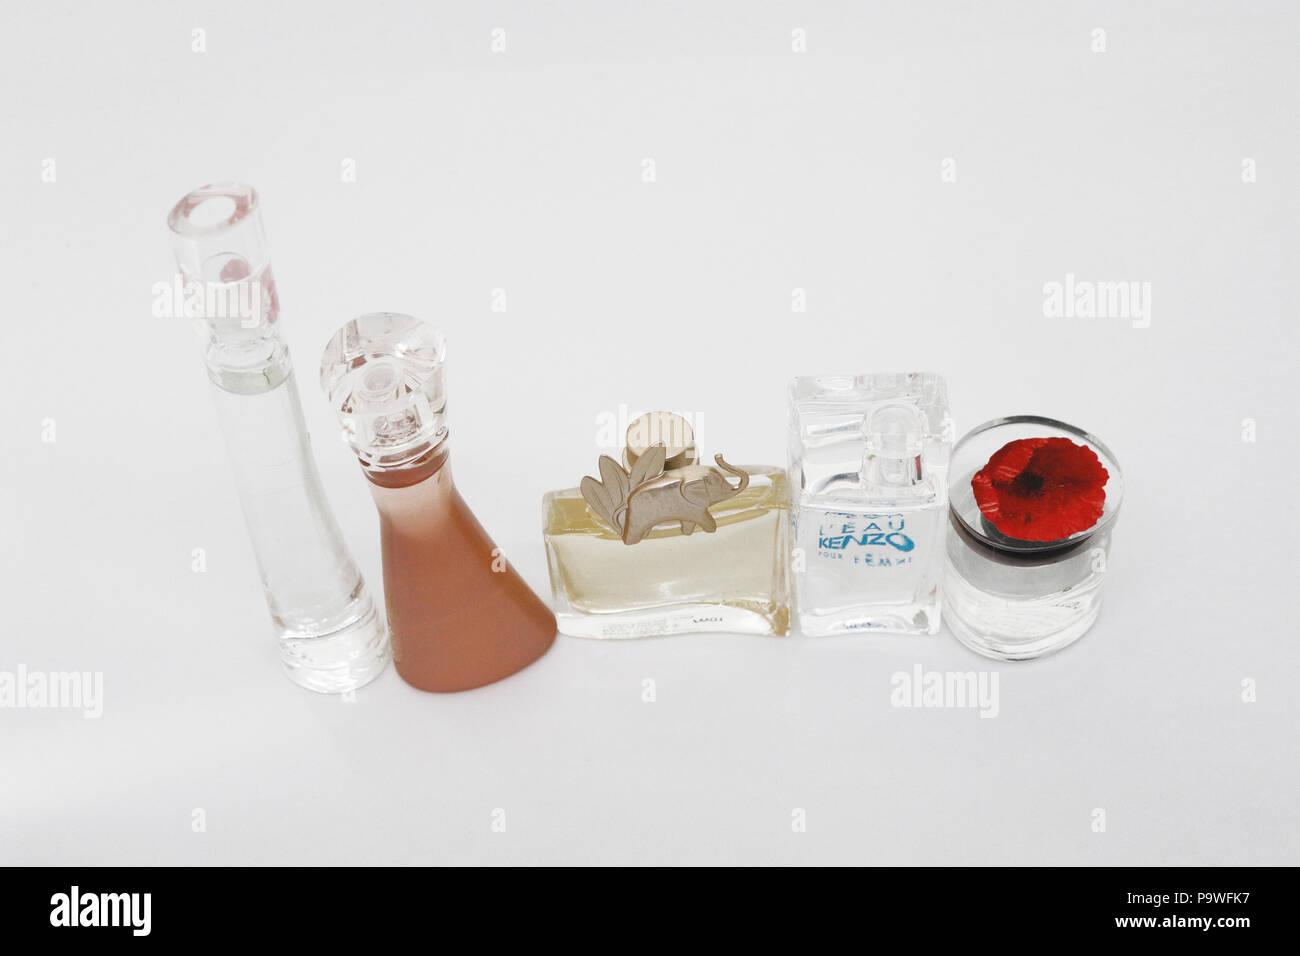 Collection of Kenzo mini perfume bottles - Stock Image